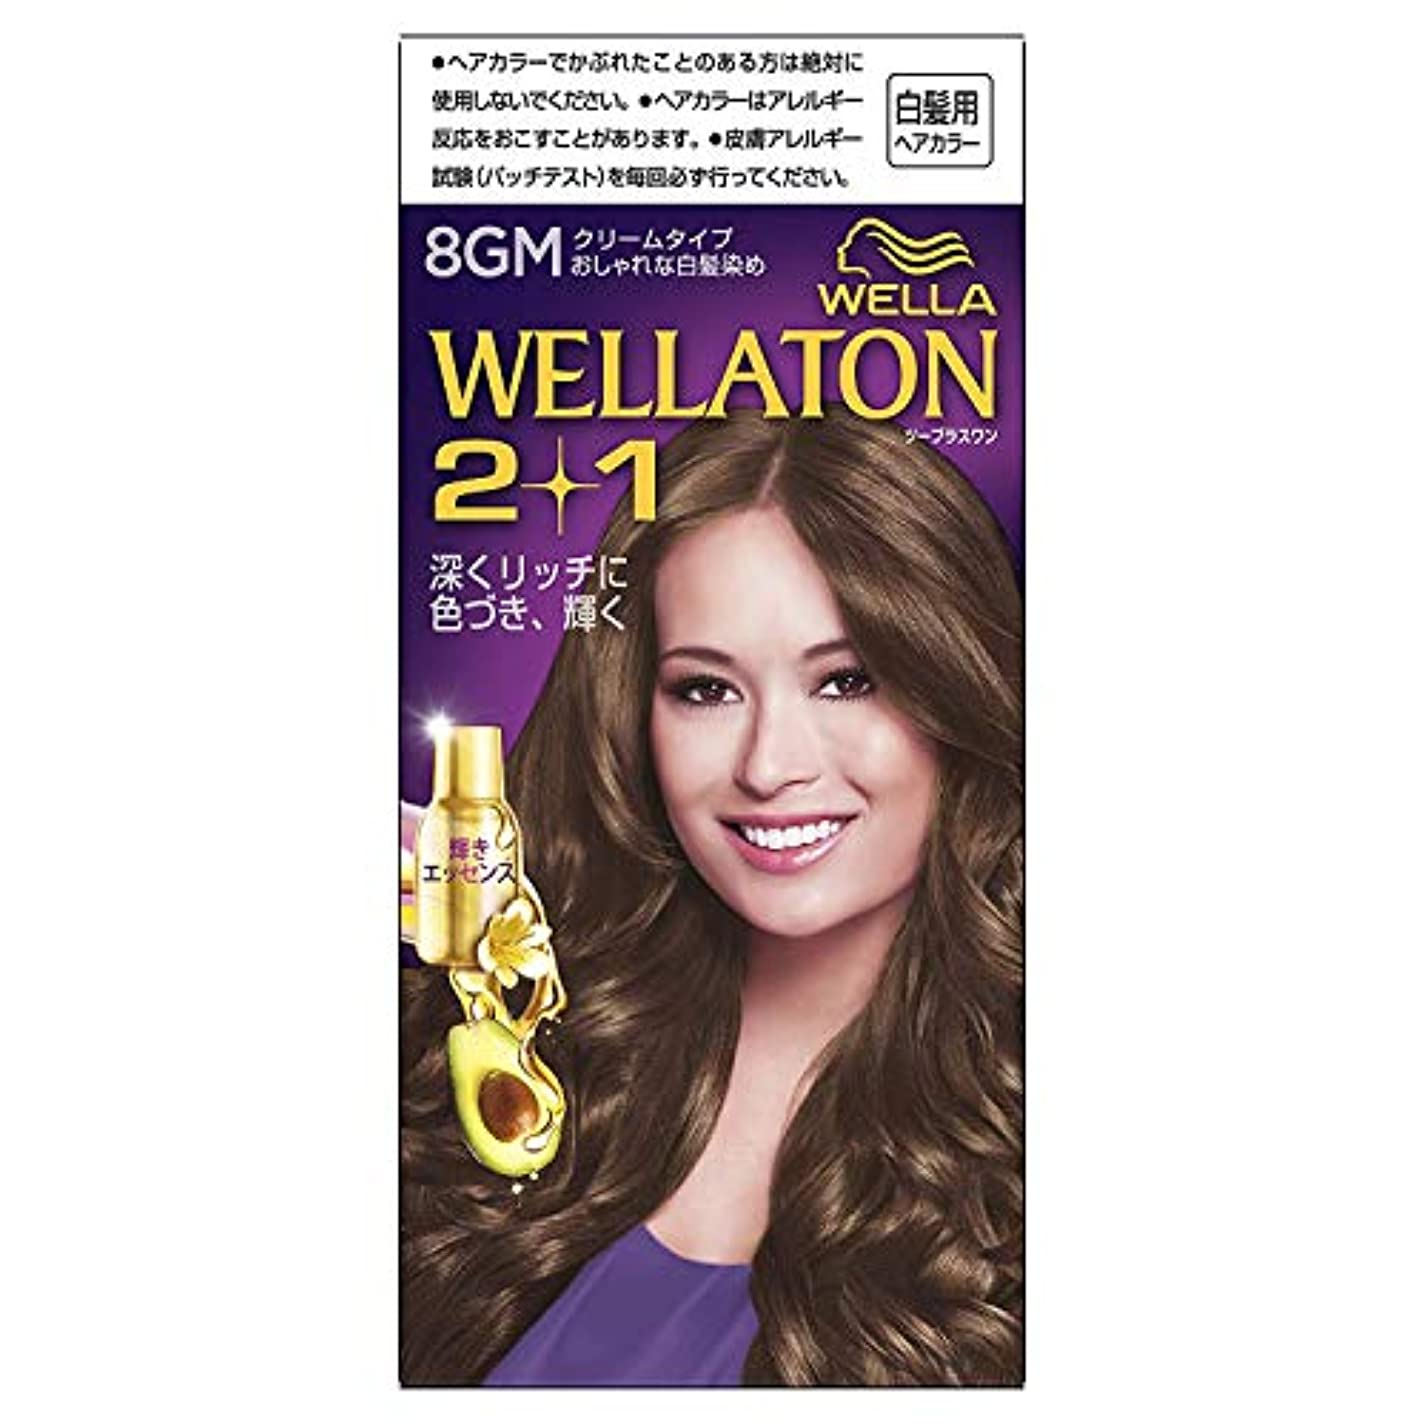 最小テニス咽頭ウエラトーン2+1 クリームタイプ 8GM [医薬部外品] ×6個